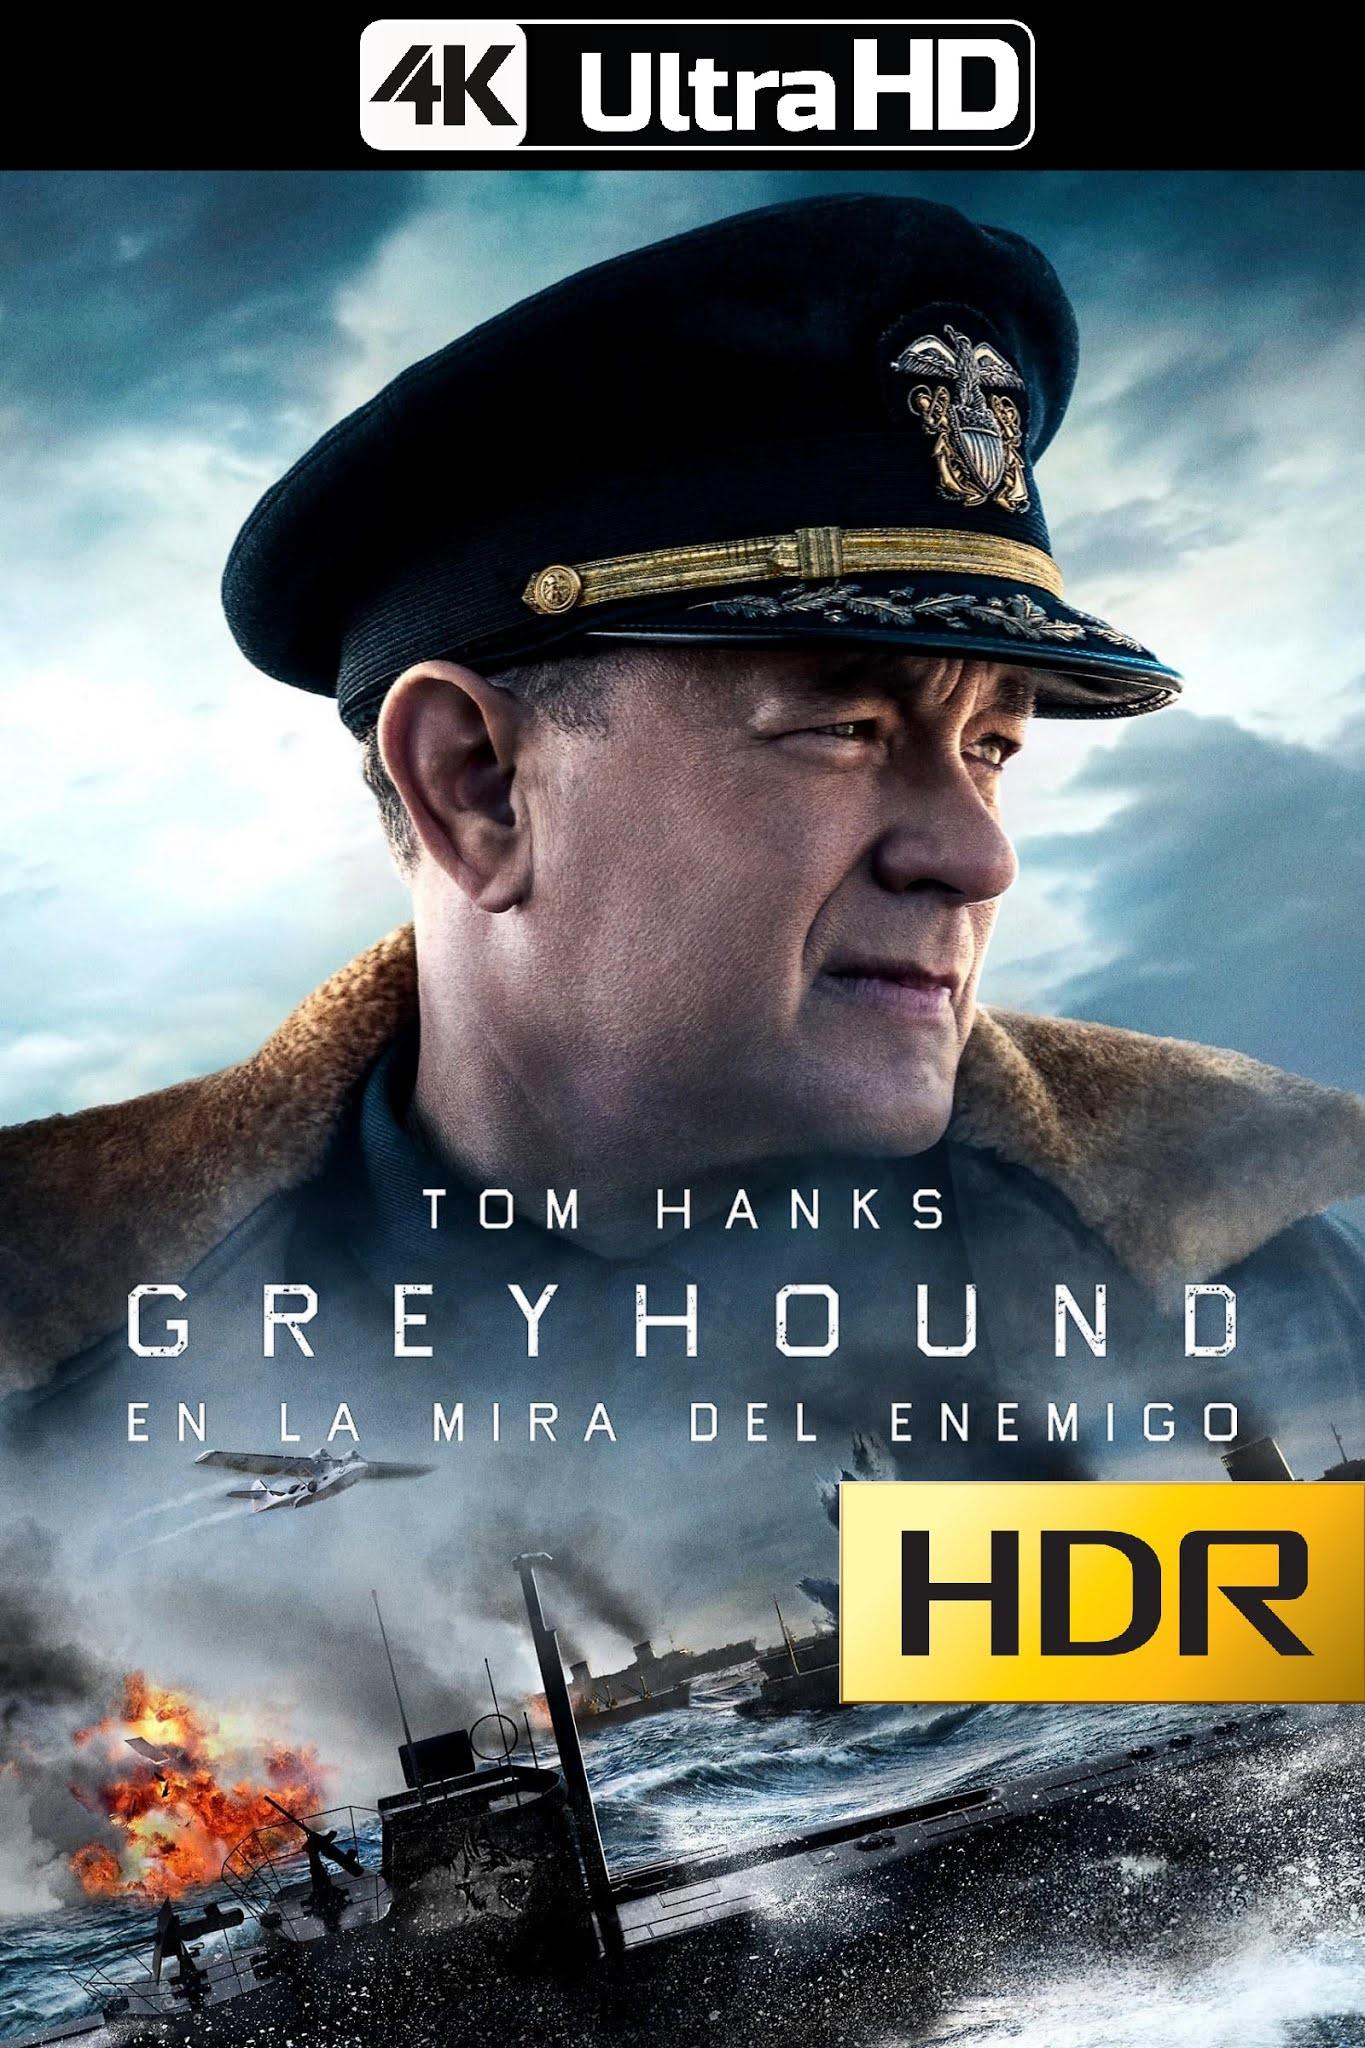 Greyhound: En la Mira del Enemigo (2020) 4K UHD HDR Web-DL Latino